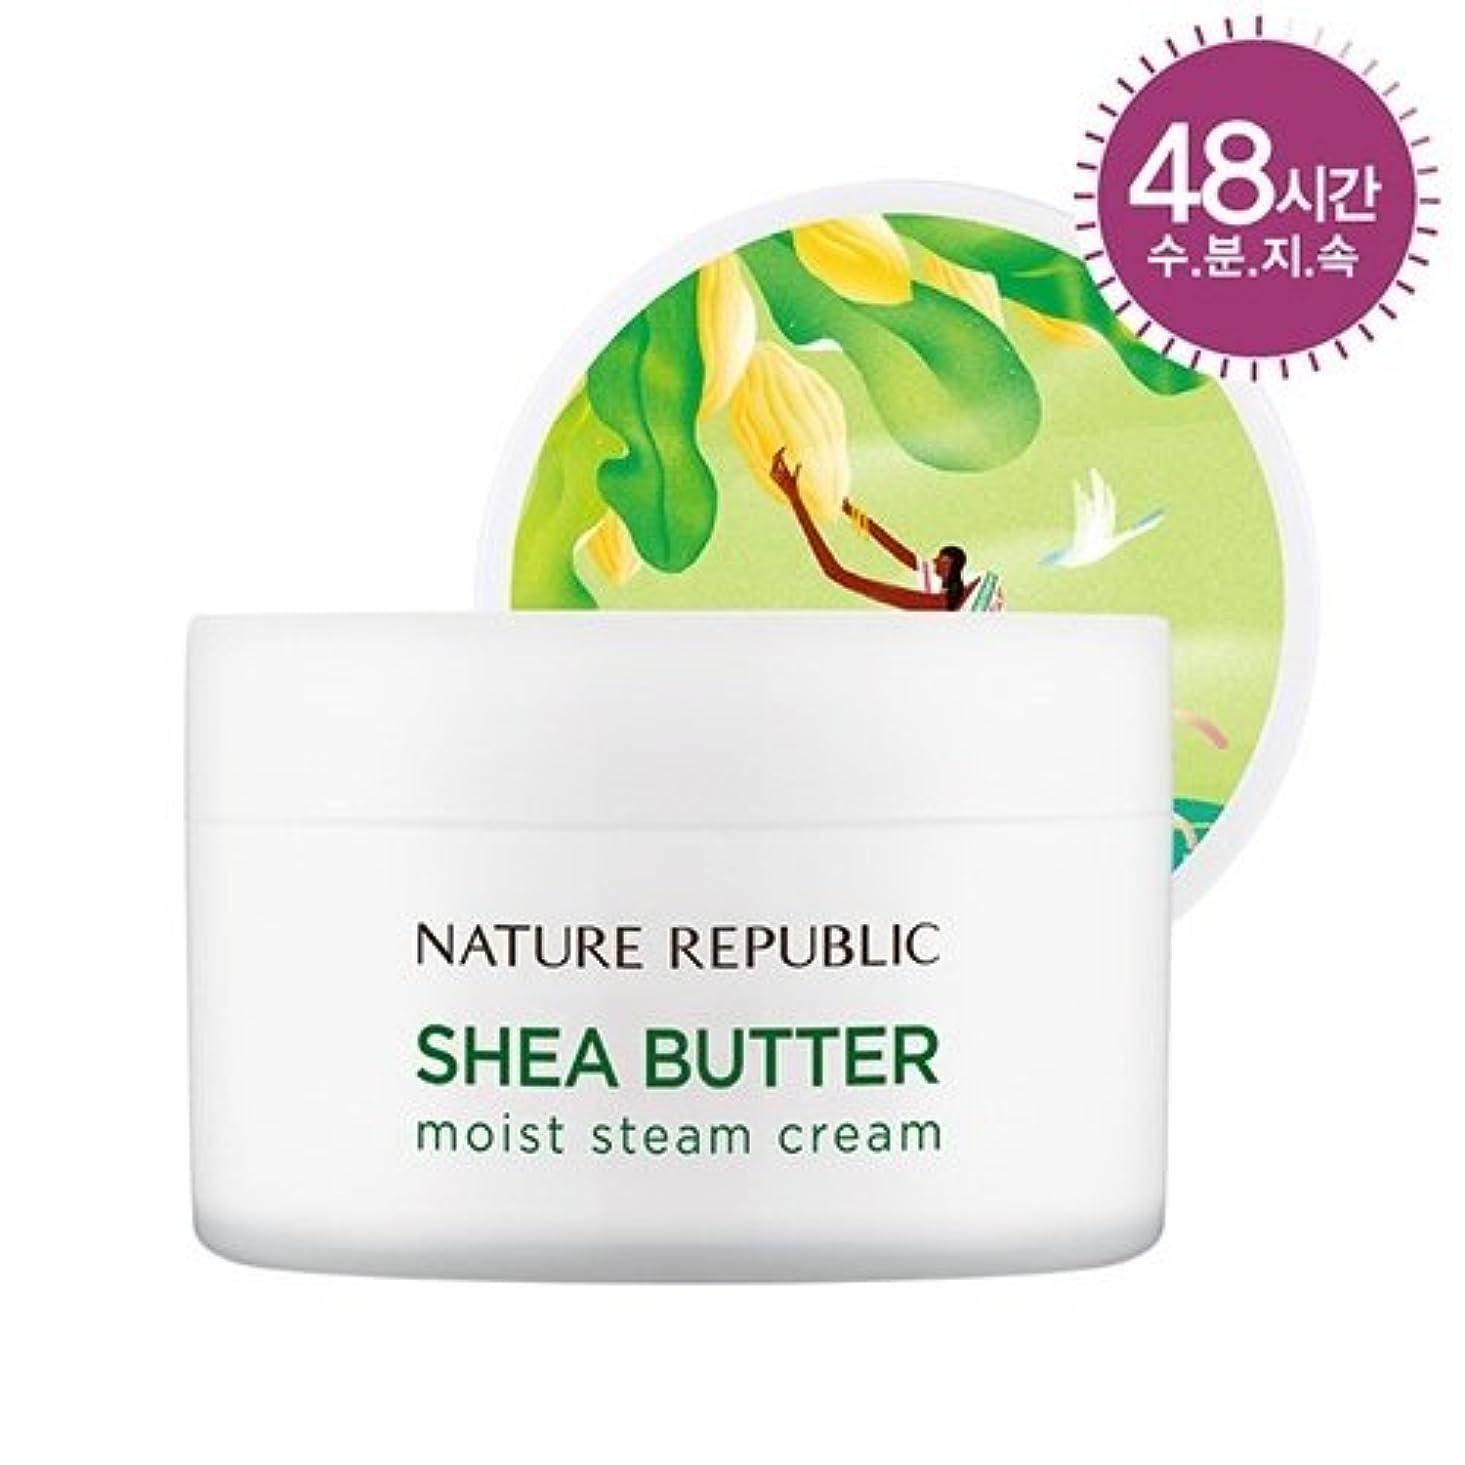 名前でマニュアル回答NATURE REPUBLIC(ネイチャーリパブリック) SHEA BUTTER STEAM CREAM シアバター スチーム クリーム #モイスト乾燥肌